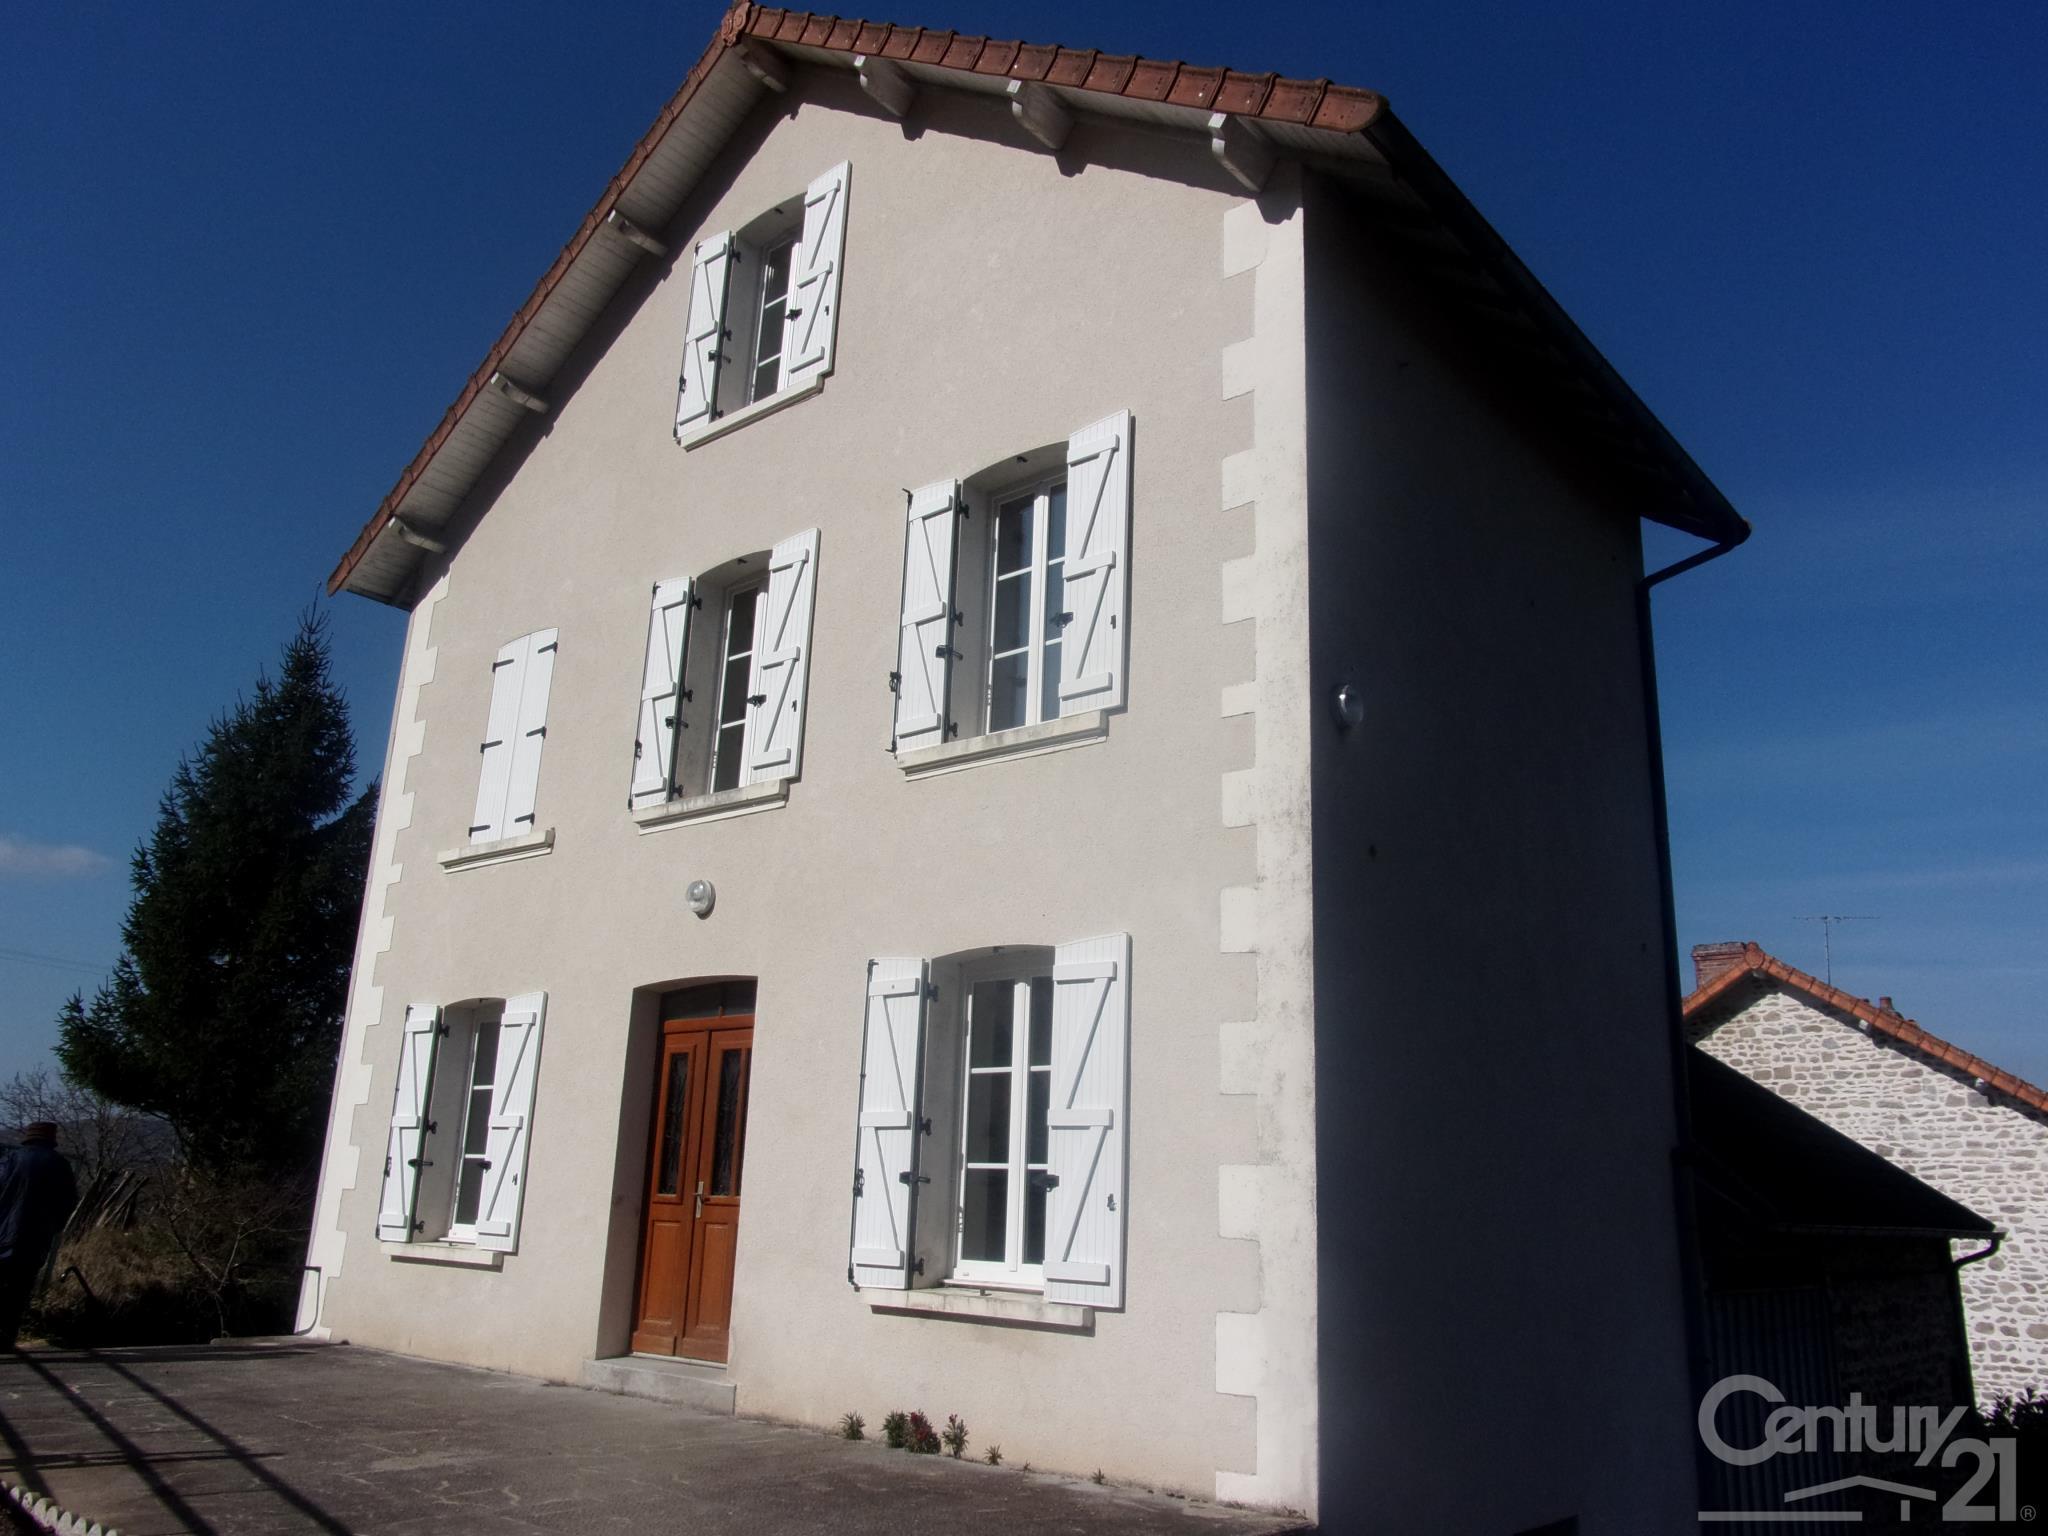 Maison à louer - 4 pièces - 90 m2 - SARDENT - 23 - LIMOUSIN